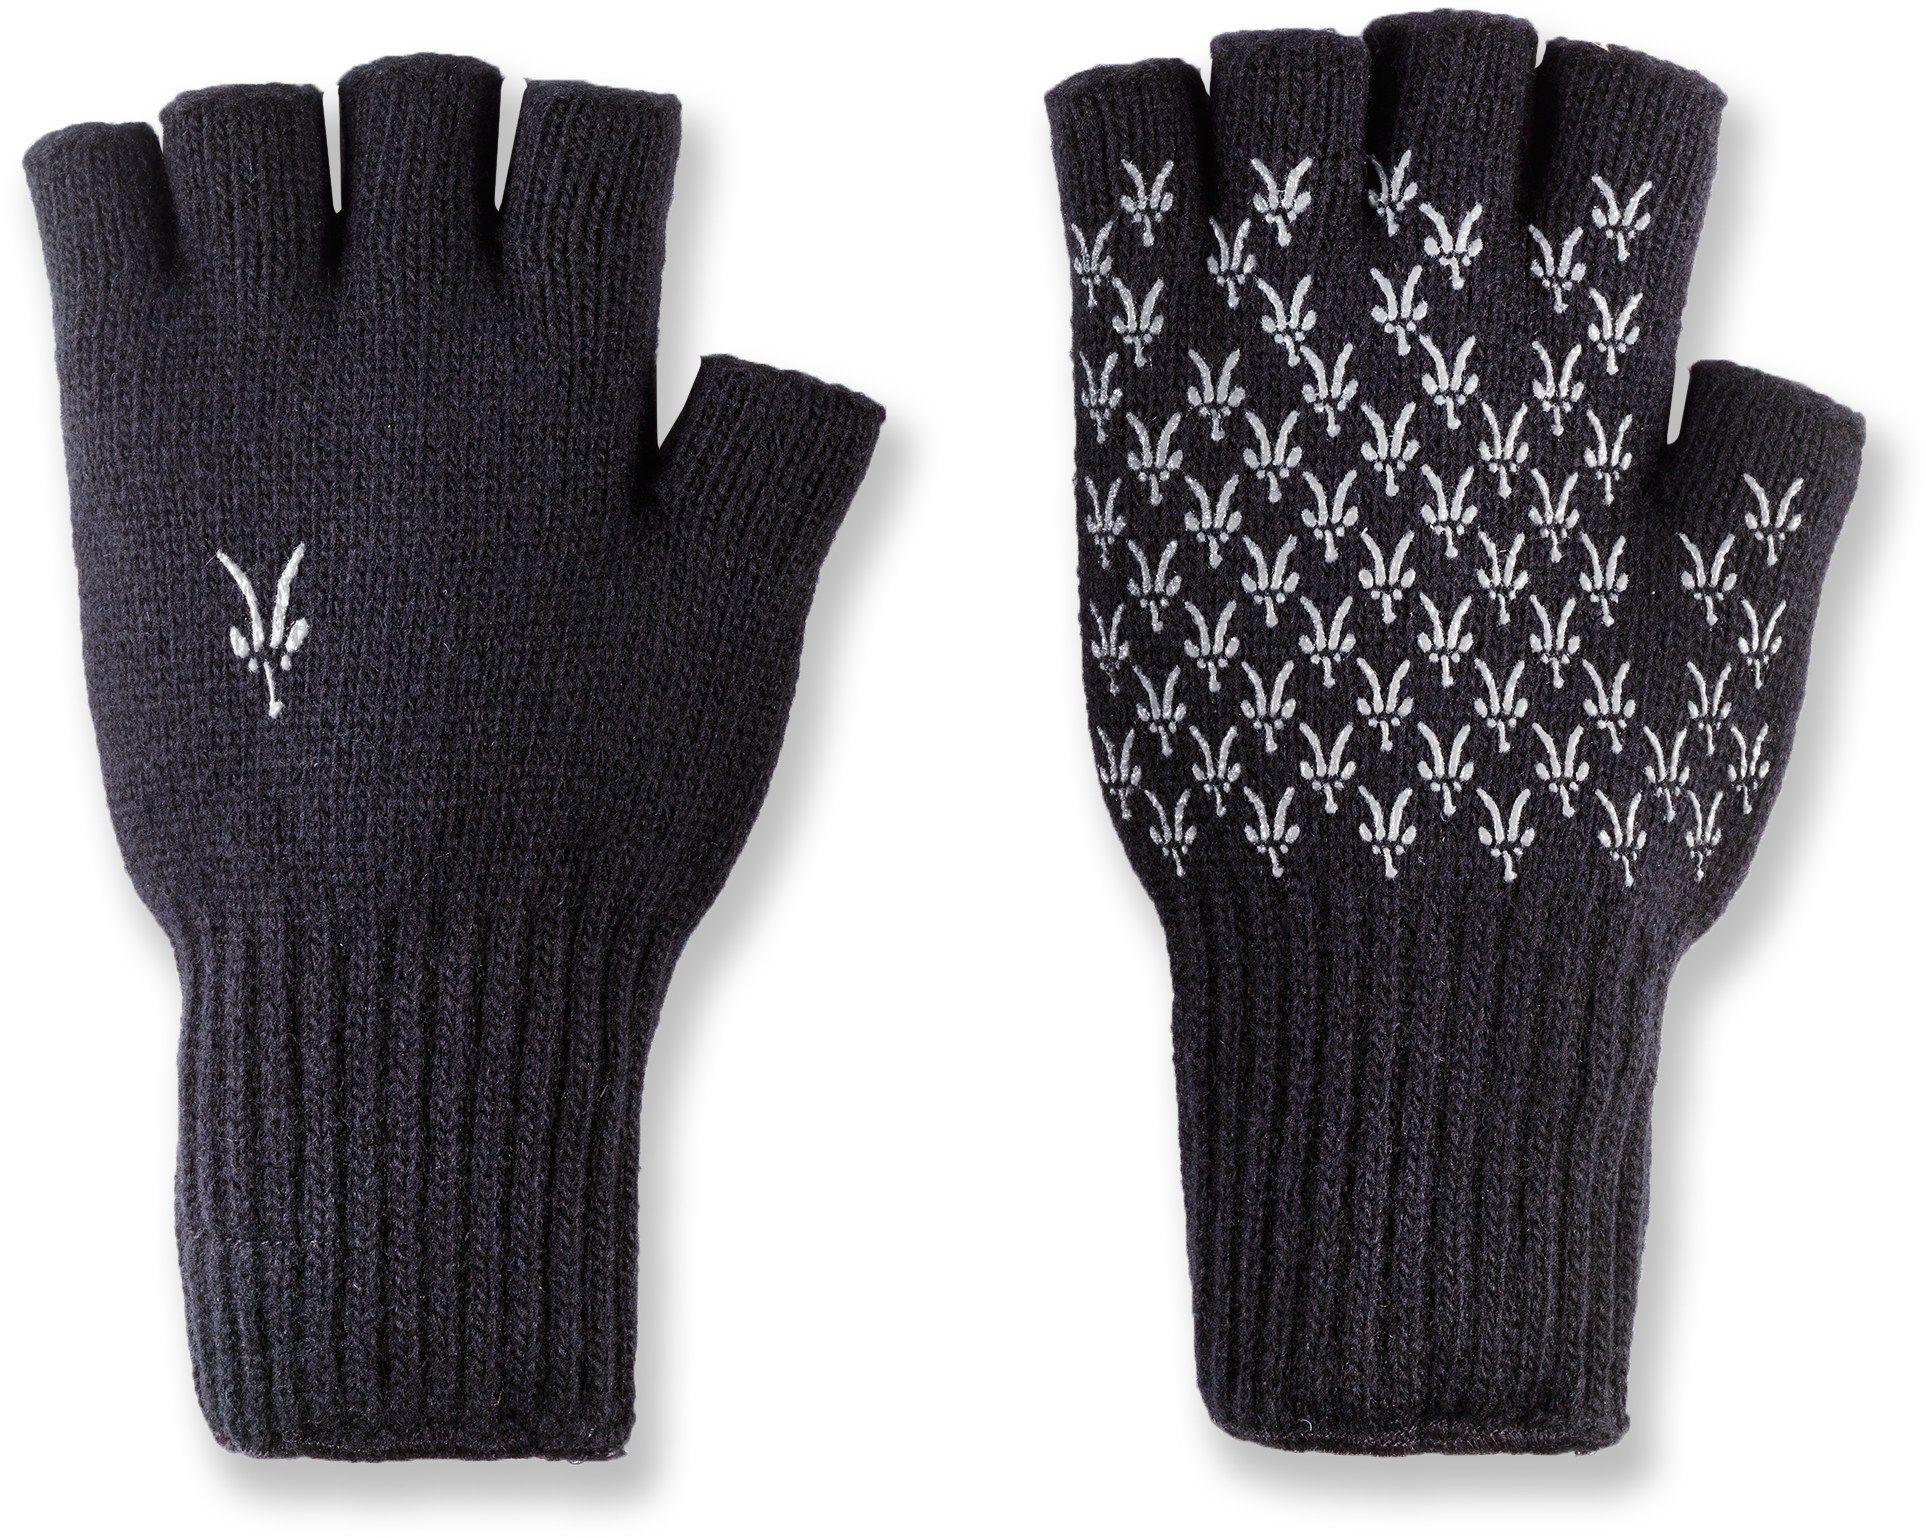 Ibex knitty gritty fingerless wool gloves rei coop